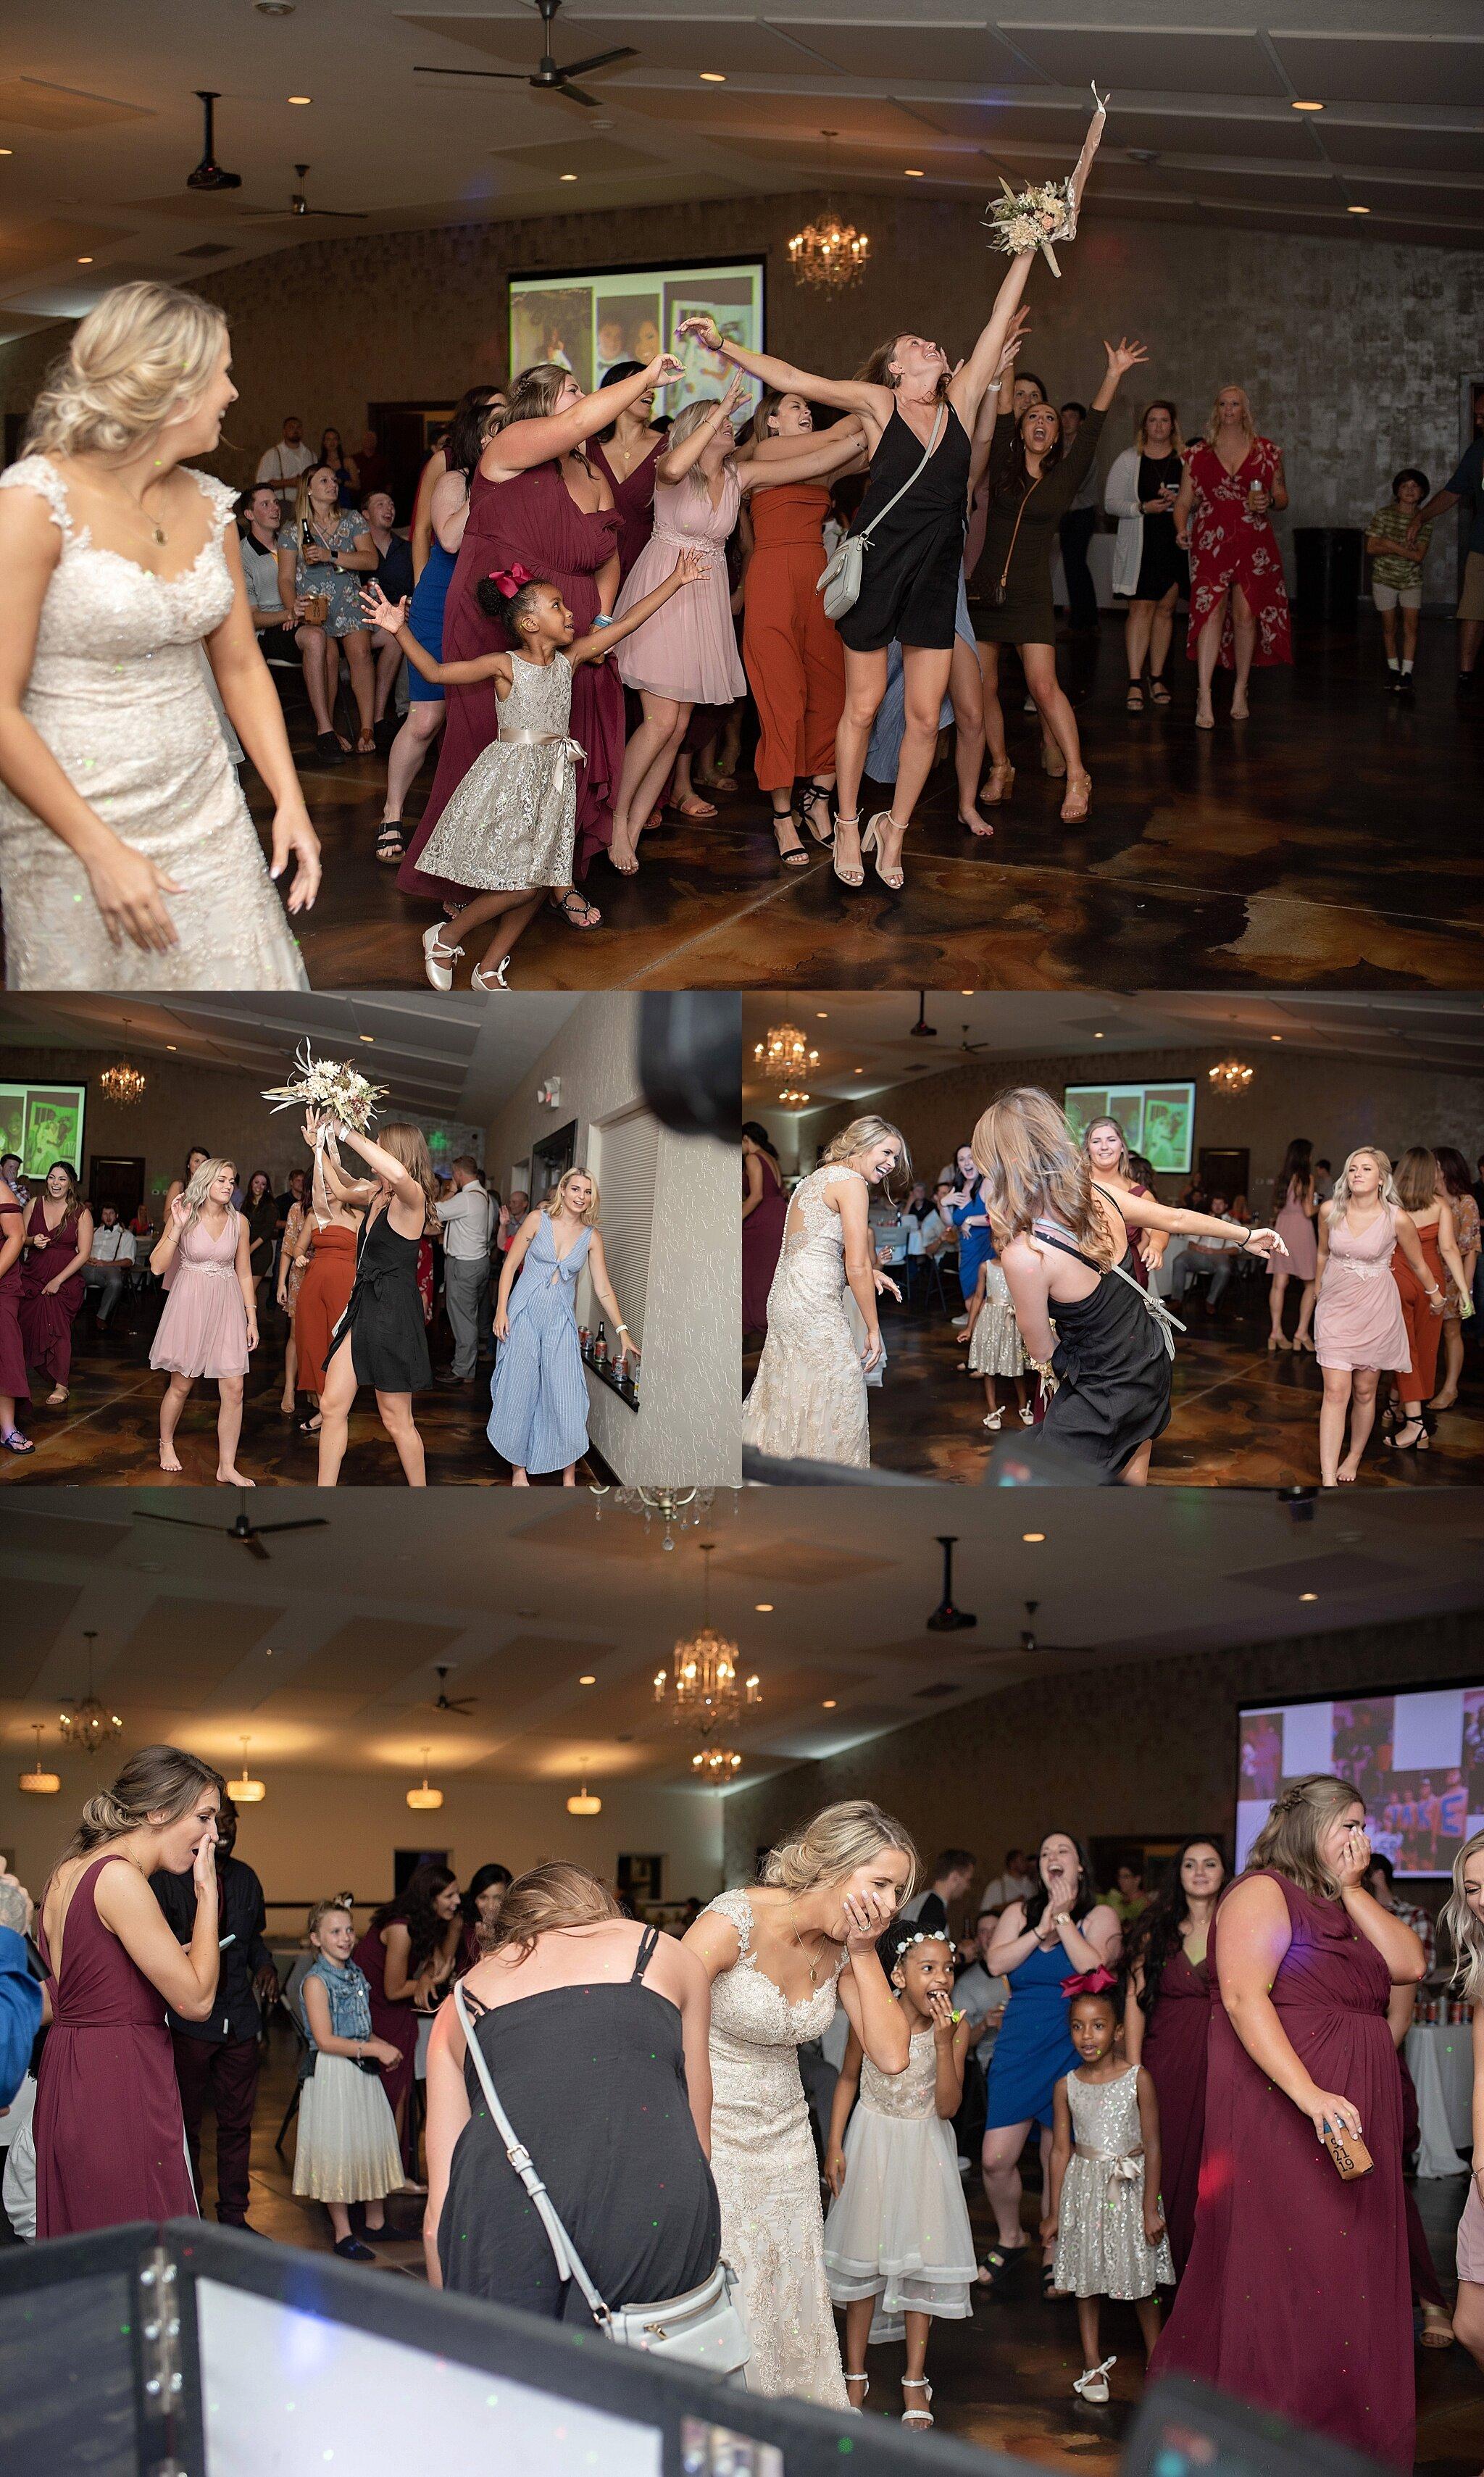 iowa hawkeyes get married wedding party iowa